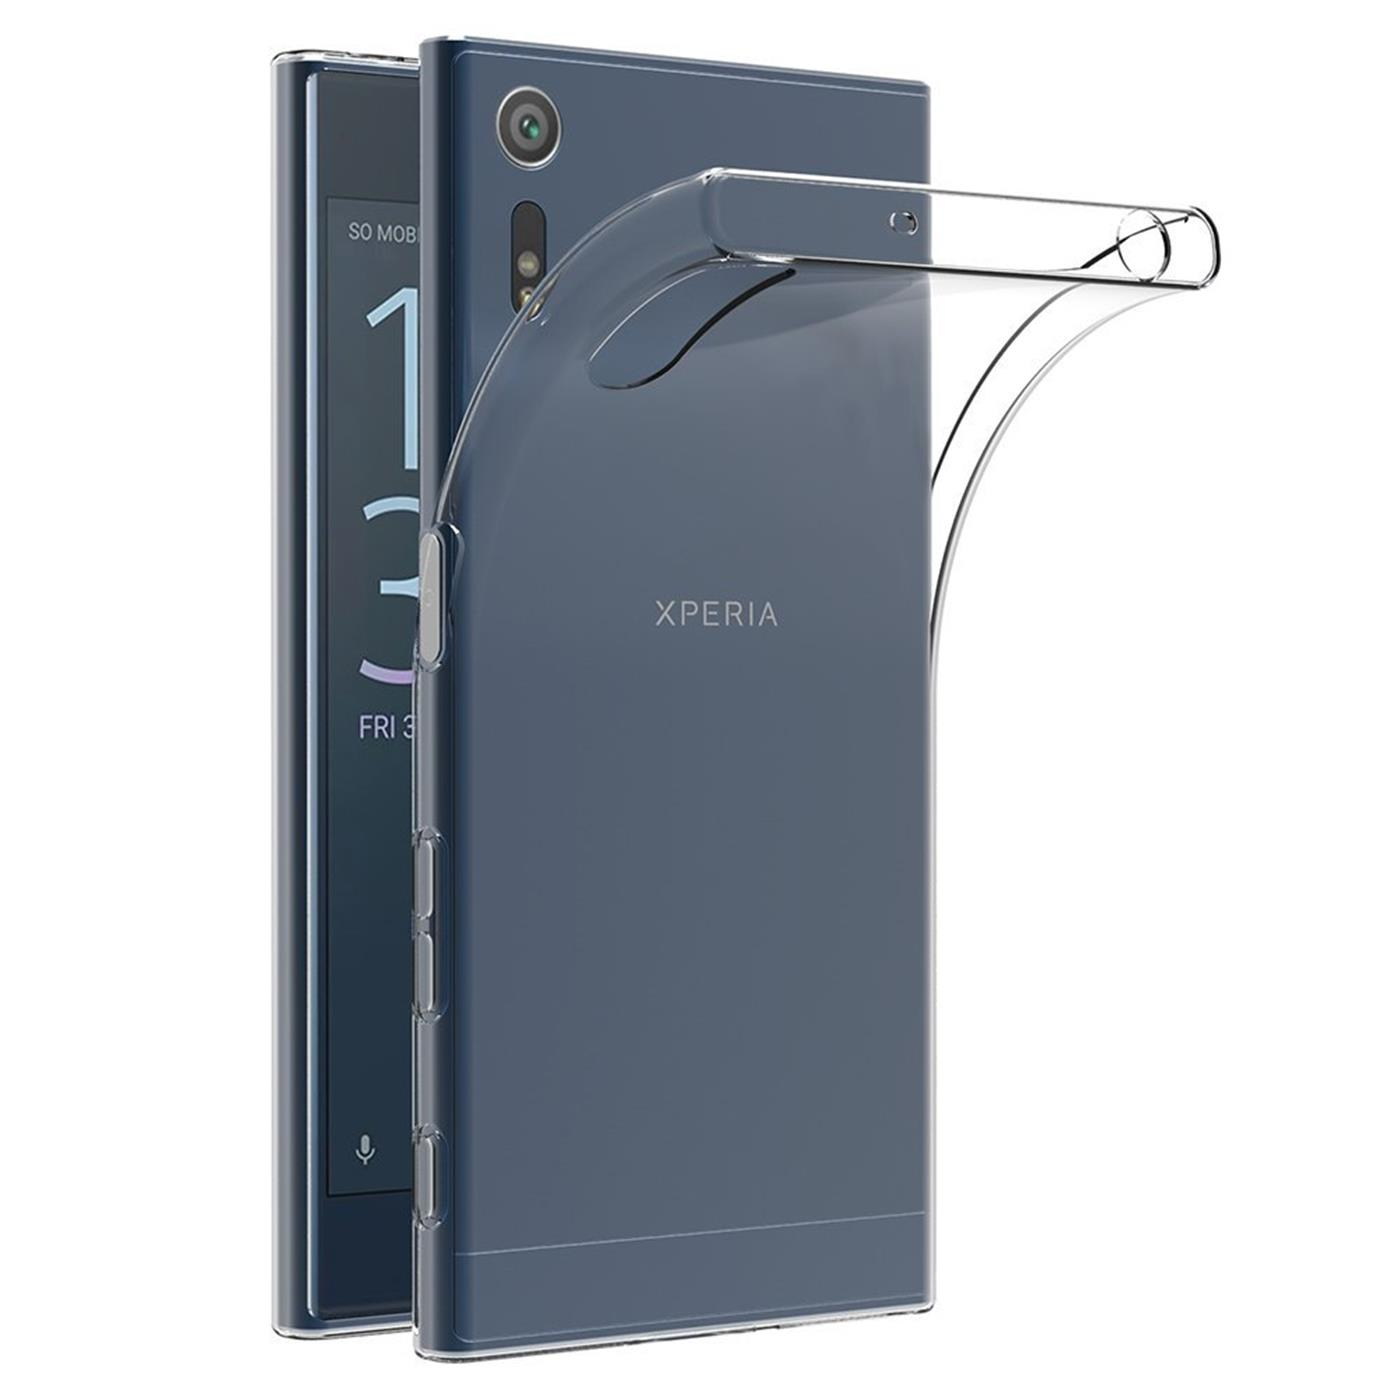 Sony-Xperia-XZ-Thin-Silikon-Klar-Case-Cover-Ultra-Slim-Stossfeste-Gel-Rueckseite